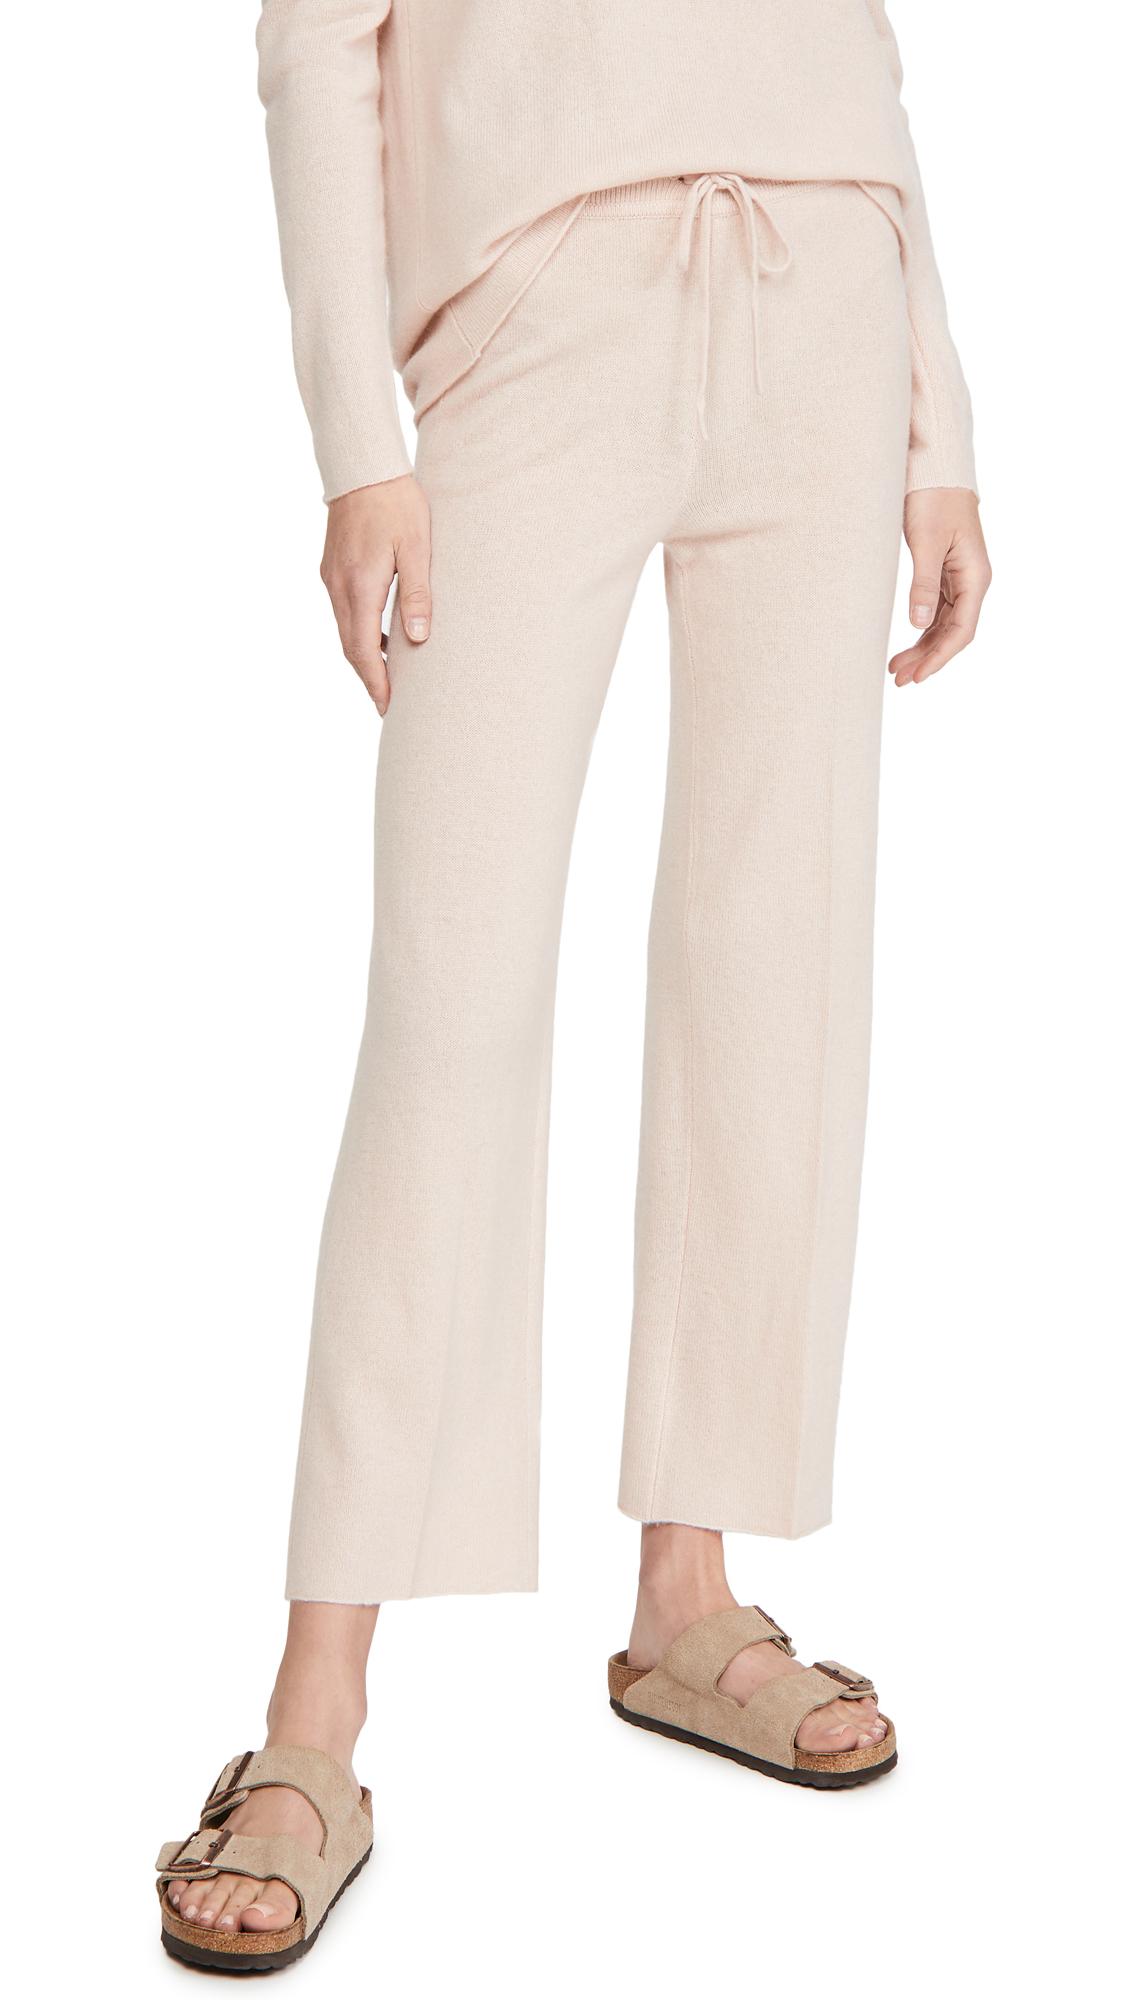 TSE Cashmere Cashmere Drawstring Pants